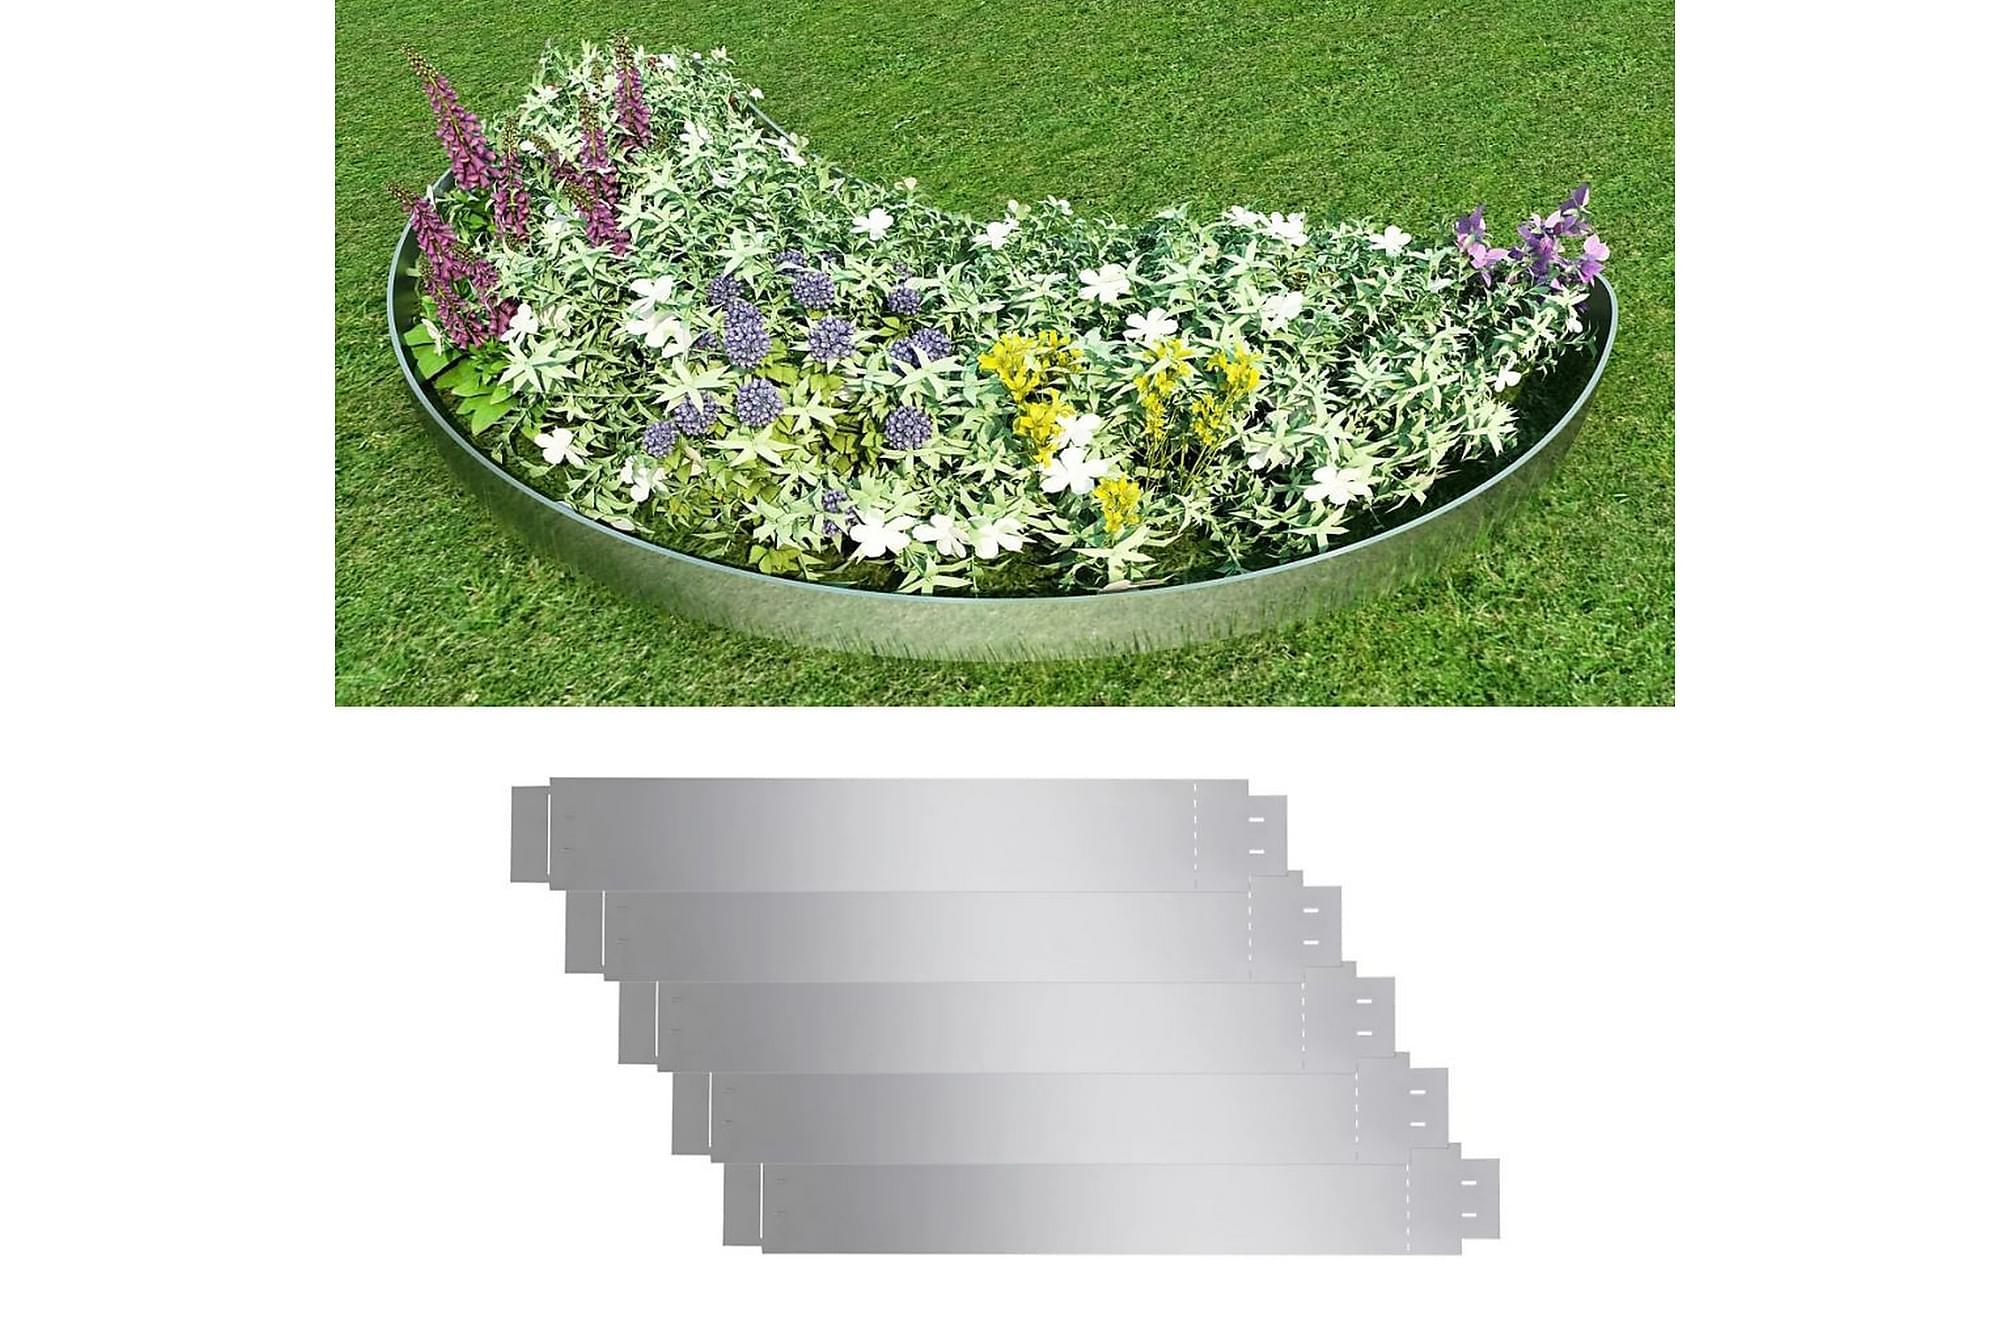 Trädgårdsstaket galvaniserat stål 100 x 15 cm set om 5, Övriga trädgårdstillbehör